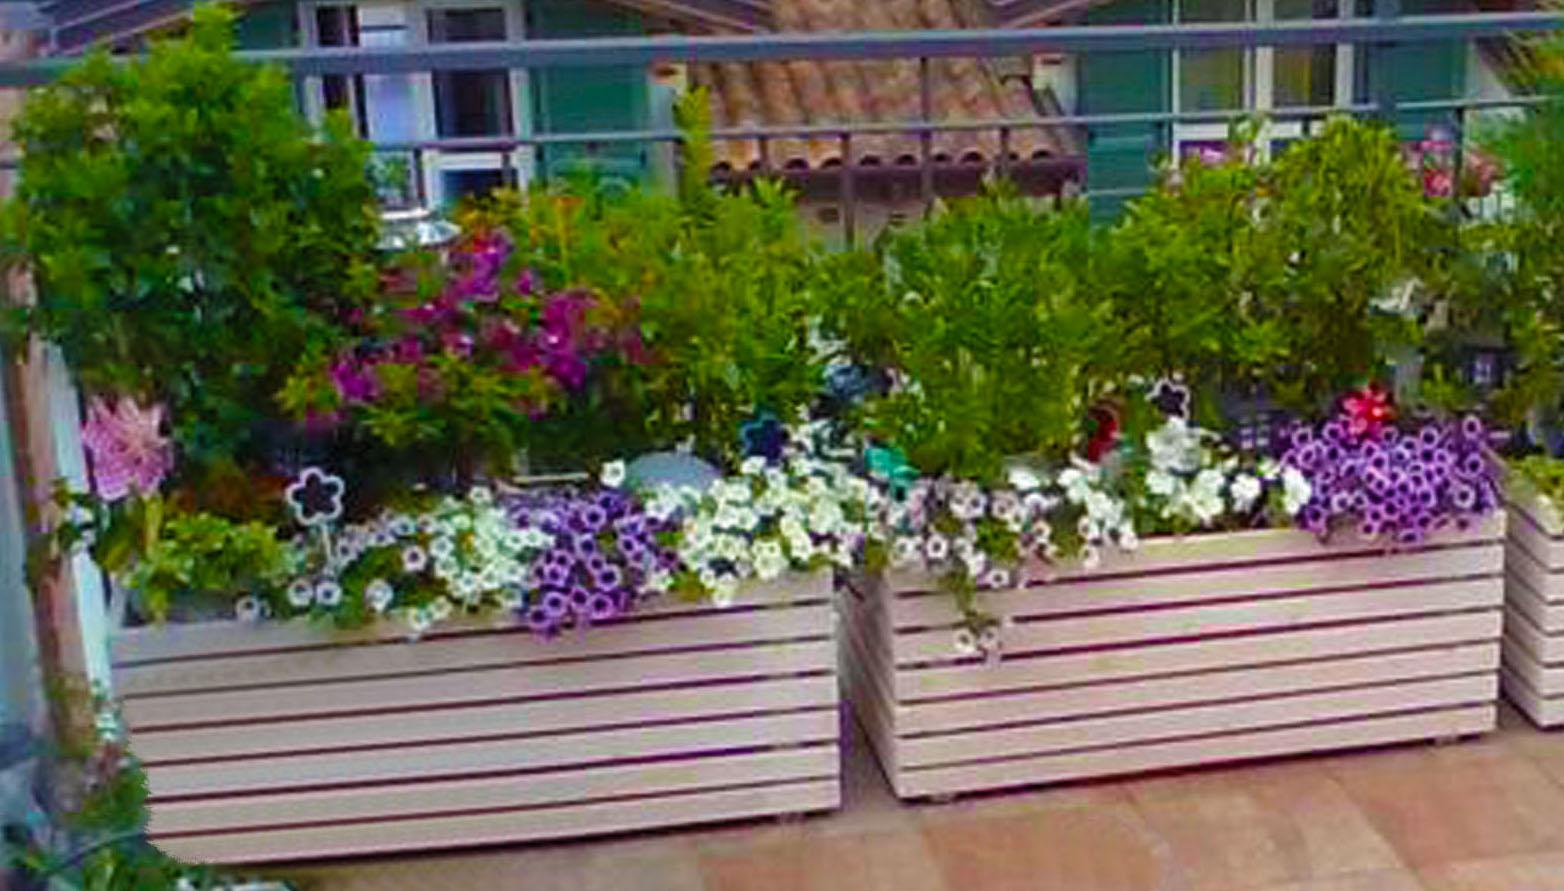 Progettare spazi verdi come costruire fioriera con i pallet for Fioriere fai da te